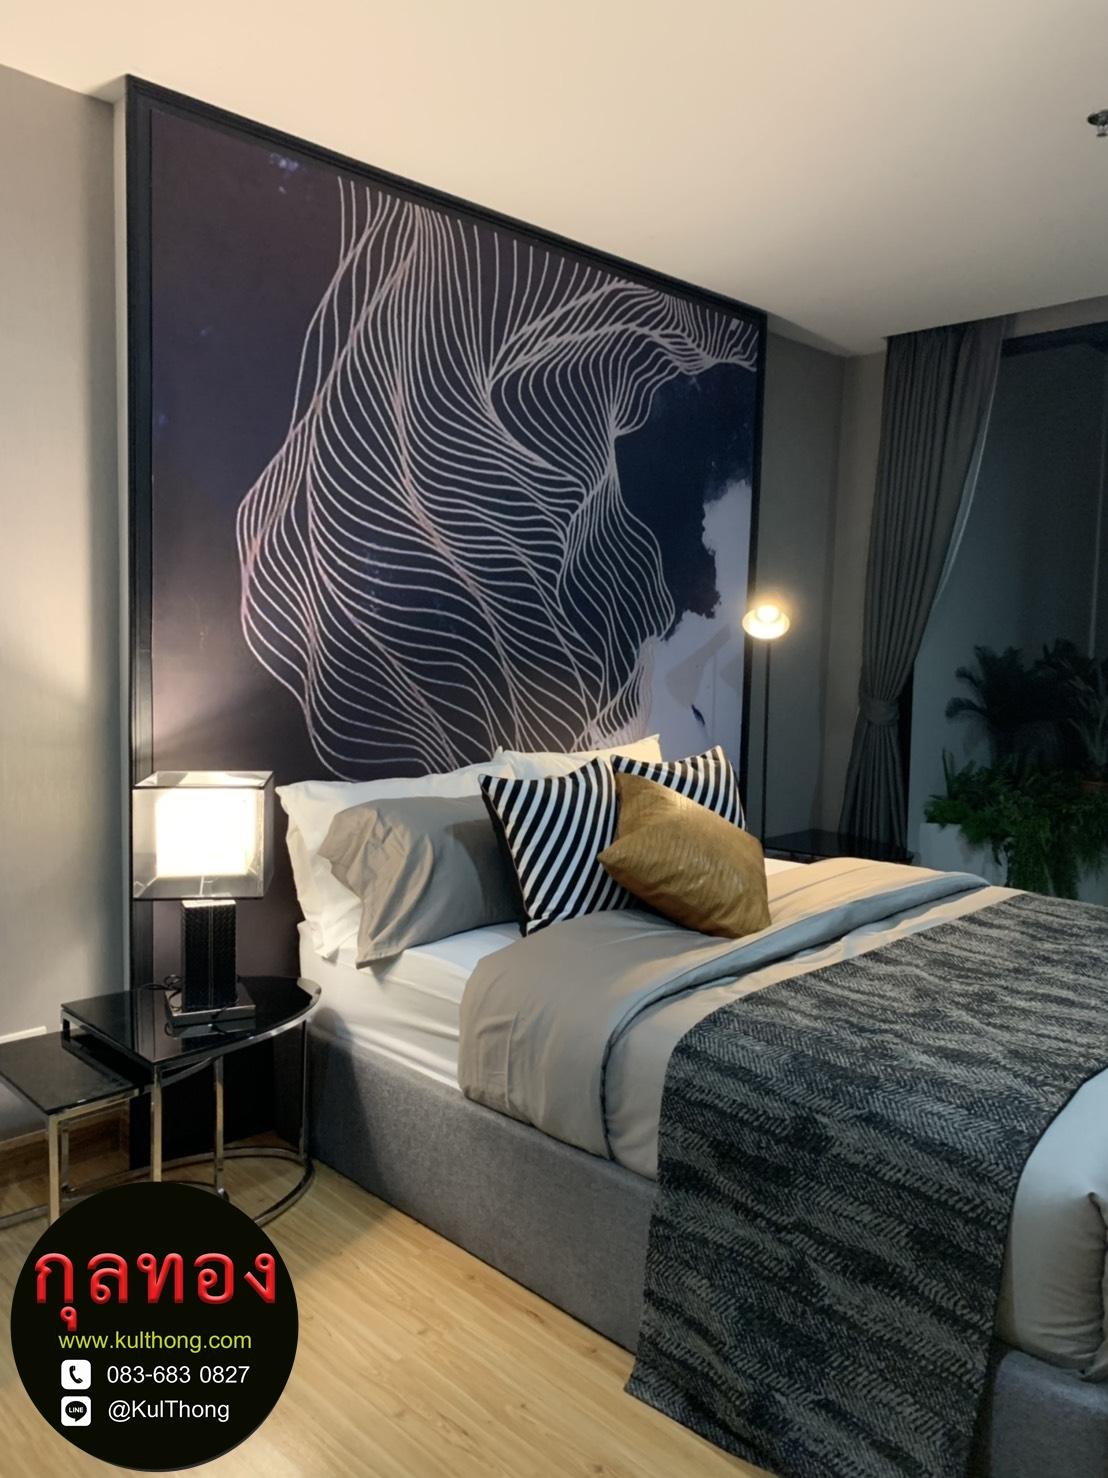 เตียงเก็บของ ฐานรองที่นอน เตียงหุ้มผ้า เตียงคอนโด เตียงนอนสั่งผลิต